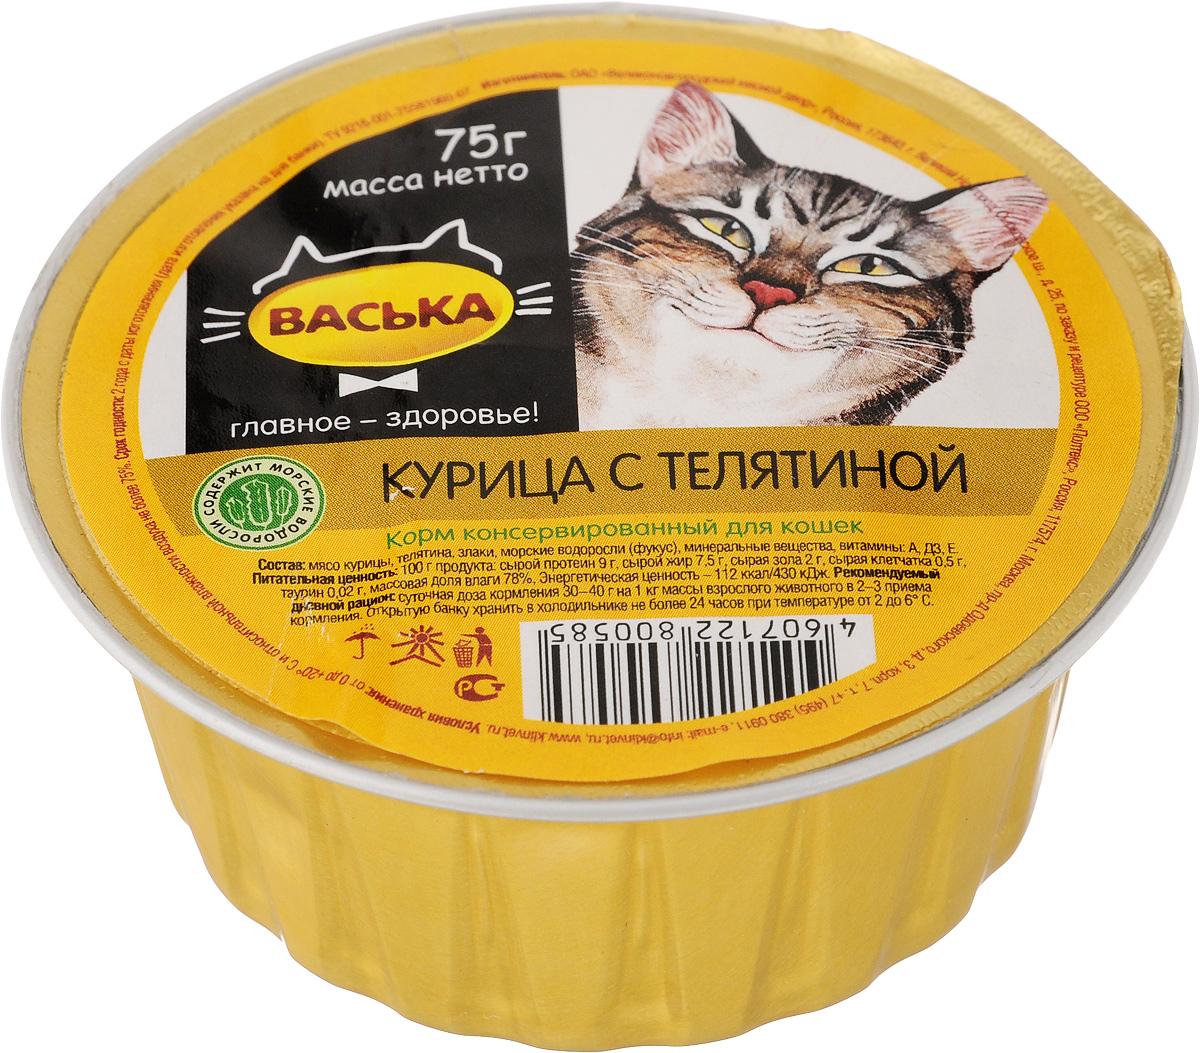 Консервы для кошек Васька, курица и телятина, 75 г0585Консервированный корм Васька - это сбалансированное и полнорационное питание, которое обеспечит вашего питомца необходимыми белками, жирами, витаминами и микроэлементами. Нежный паштет порадует кошек любых возрастов и вкусовых предпочтений. Высокий процент содержания влаги в продукте является отличной профилактикой возникновения мочекаменной болезни. Корм абсолютно натуральный, не содержит ГМО, ароматизаторов и искусственных красителей. Удобная одноразовая упаковка сохраняет корм свежим и позволяет контролировать порцию потребления. Товар сертифицирован.